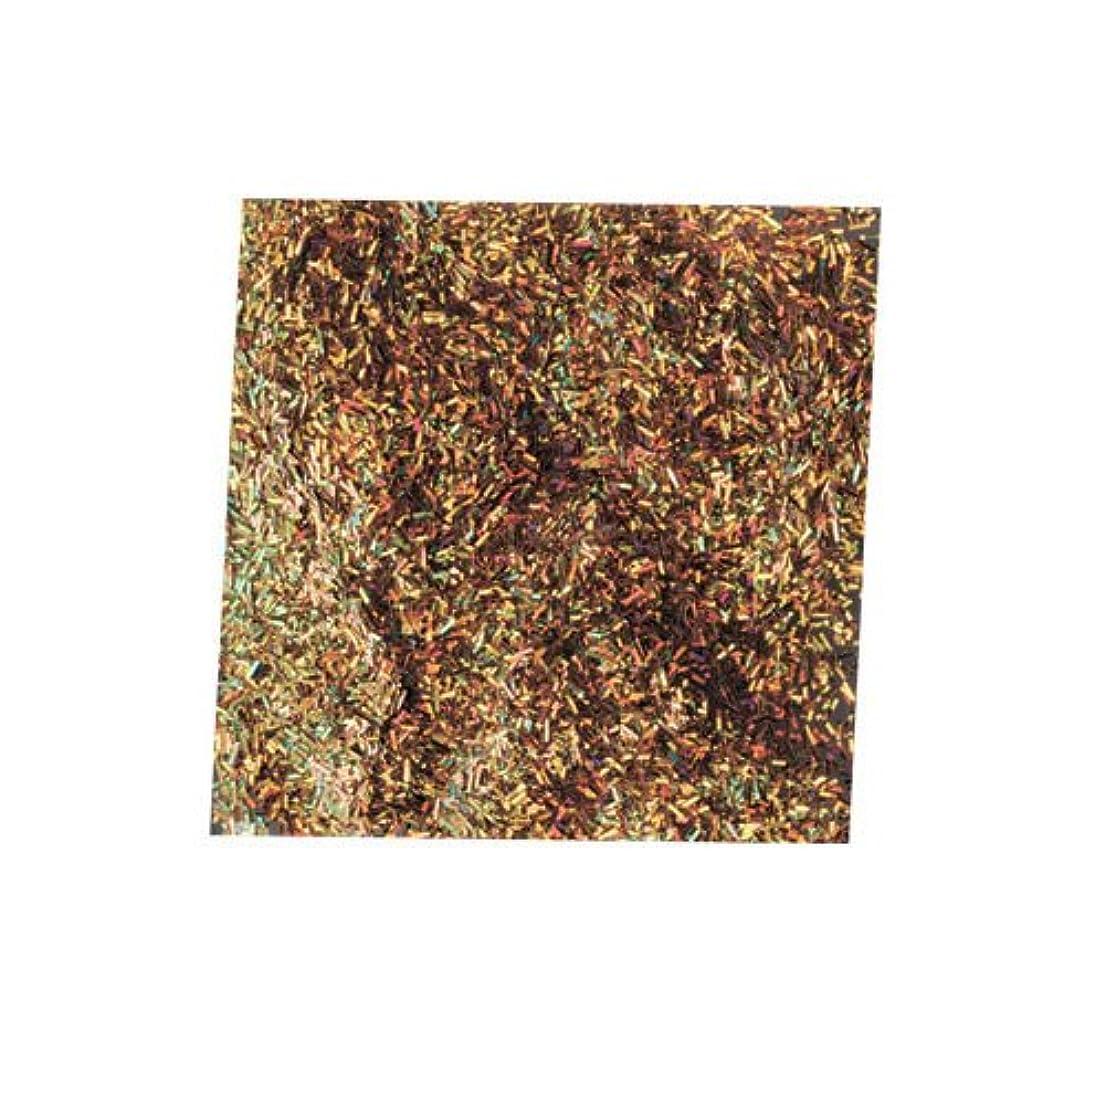 ピカエース ネイル用パウダー チャンキーホロ #882 ゴールド 0.5g